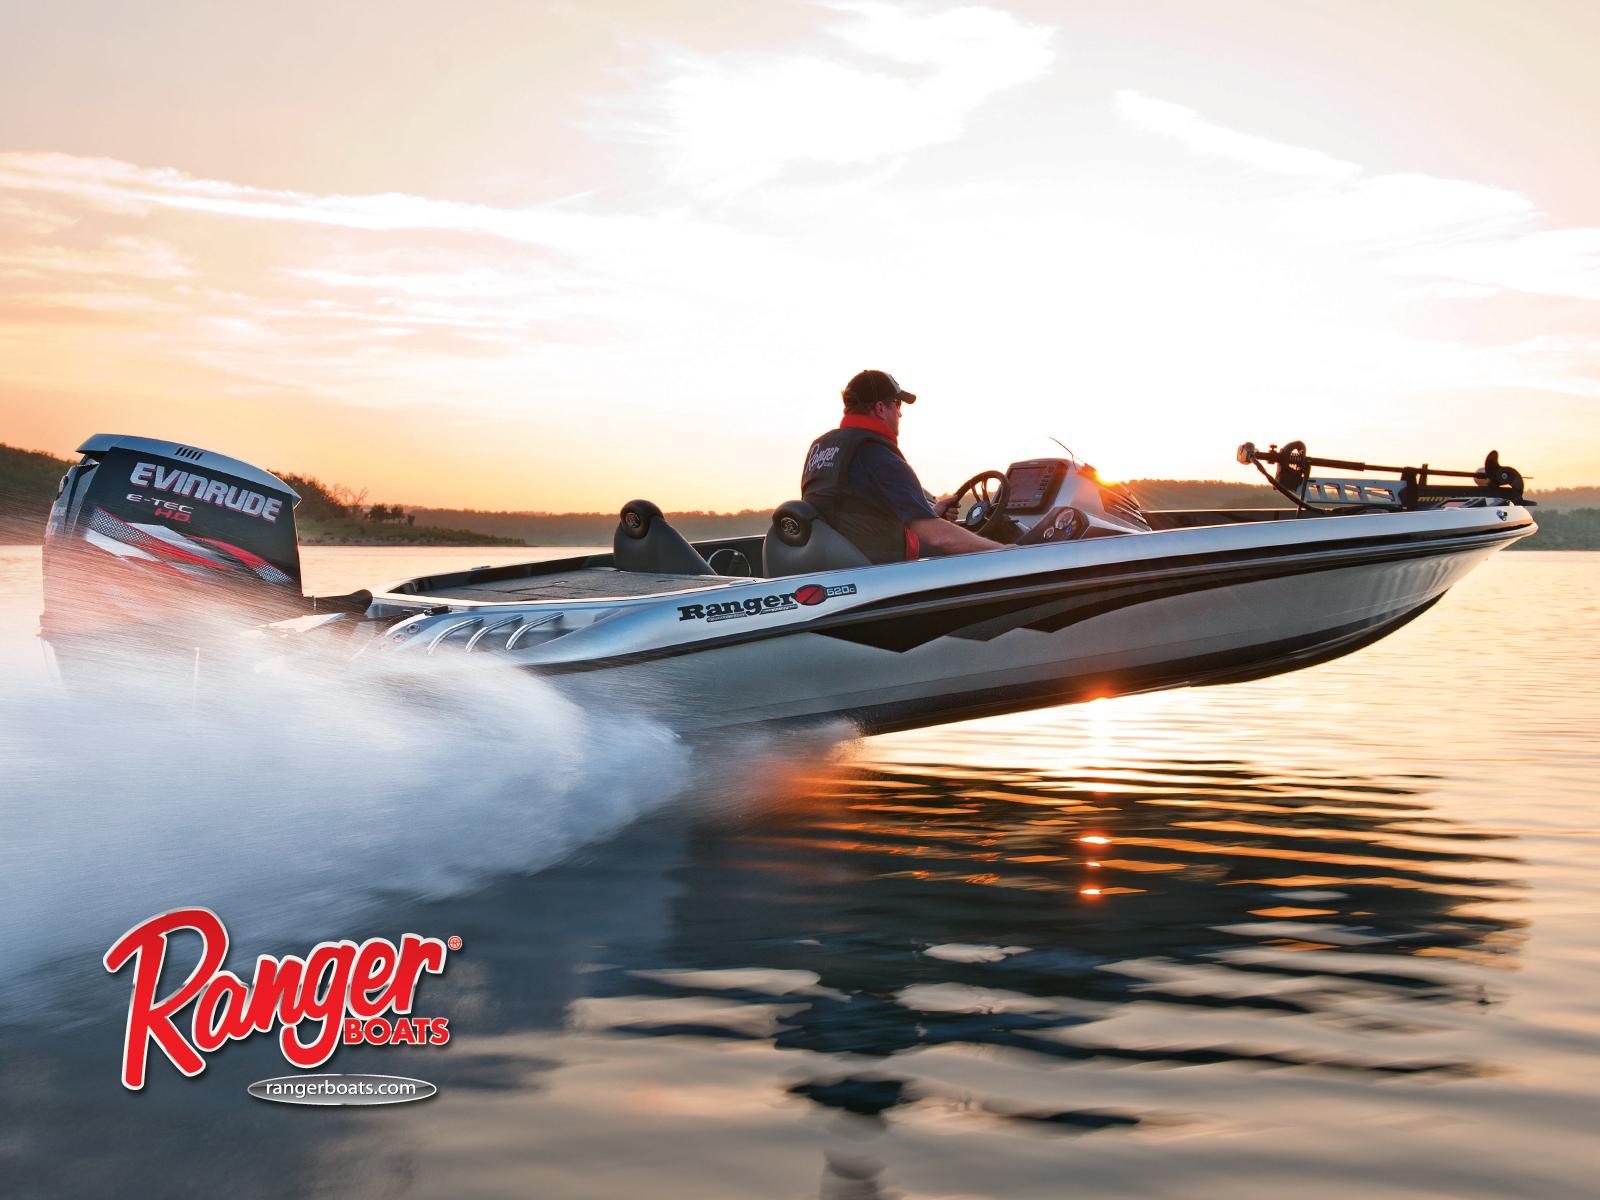 Ranger Boats Wallpaper 1600x1200